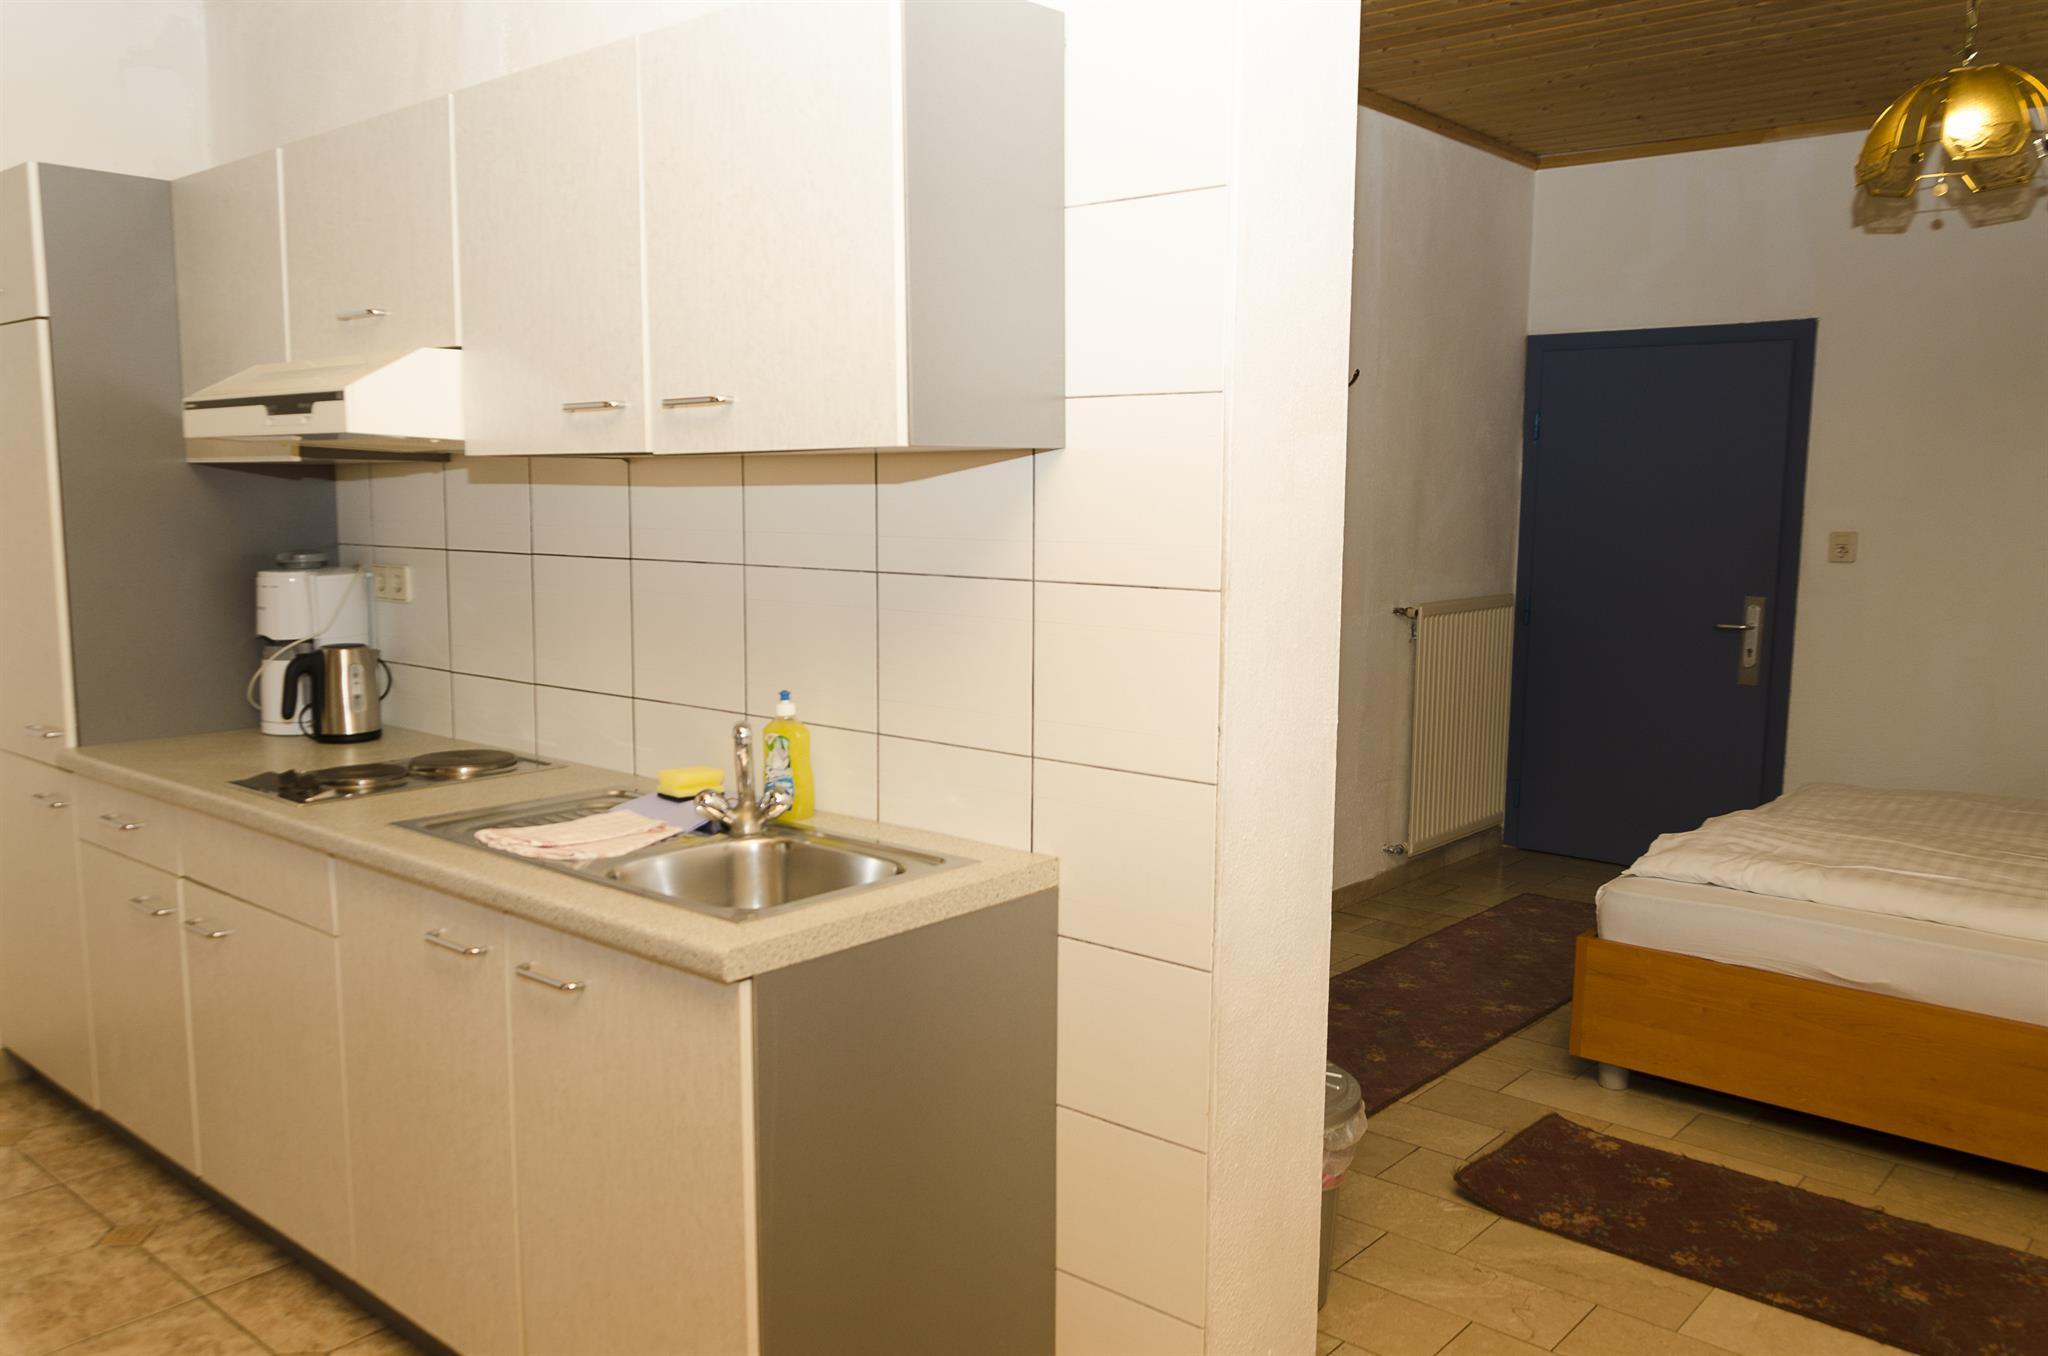 Ferienwohnung Rosenhof Appartementhaus Appartement 65m² (2008891), Podersdorf am See, Neusiedler See, Burgenland, Österreich, Bild 12